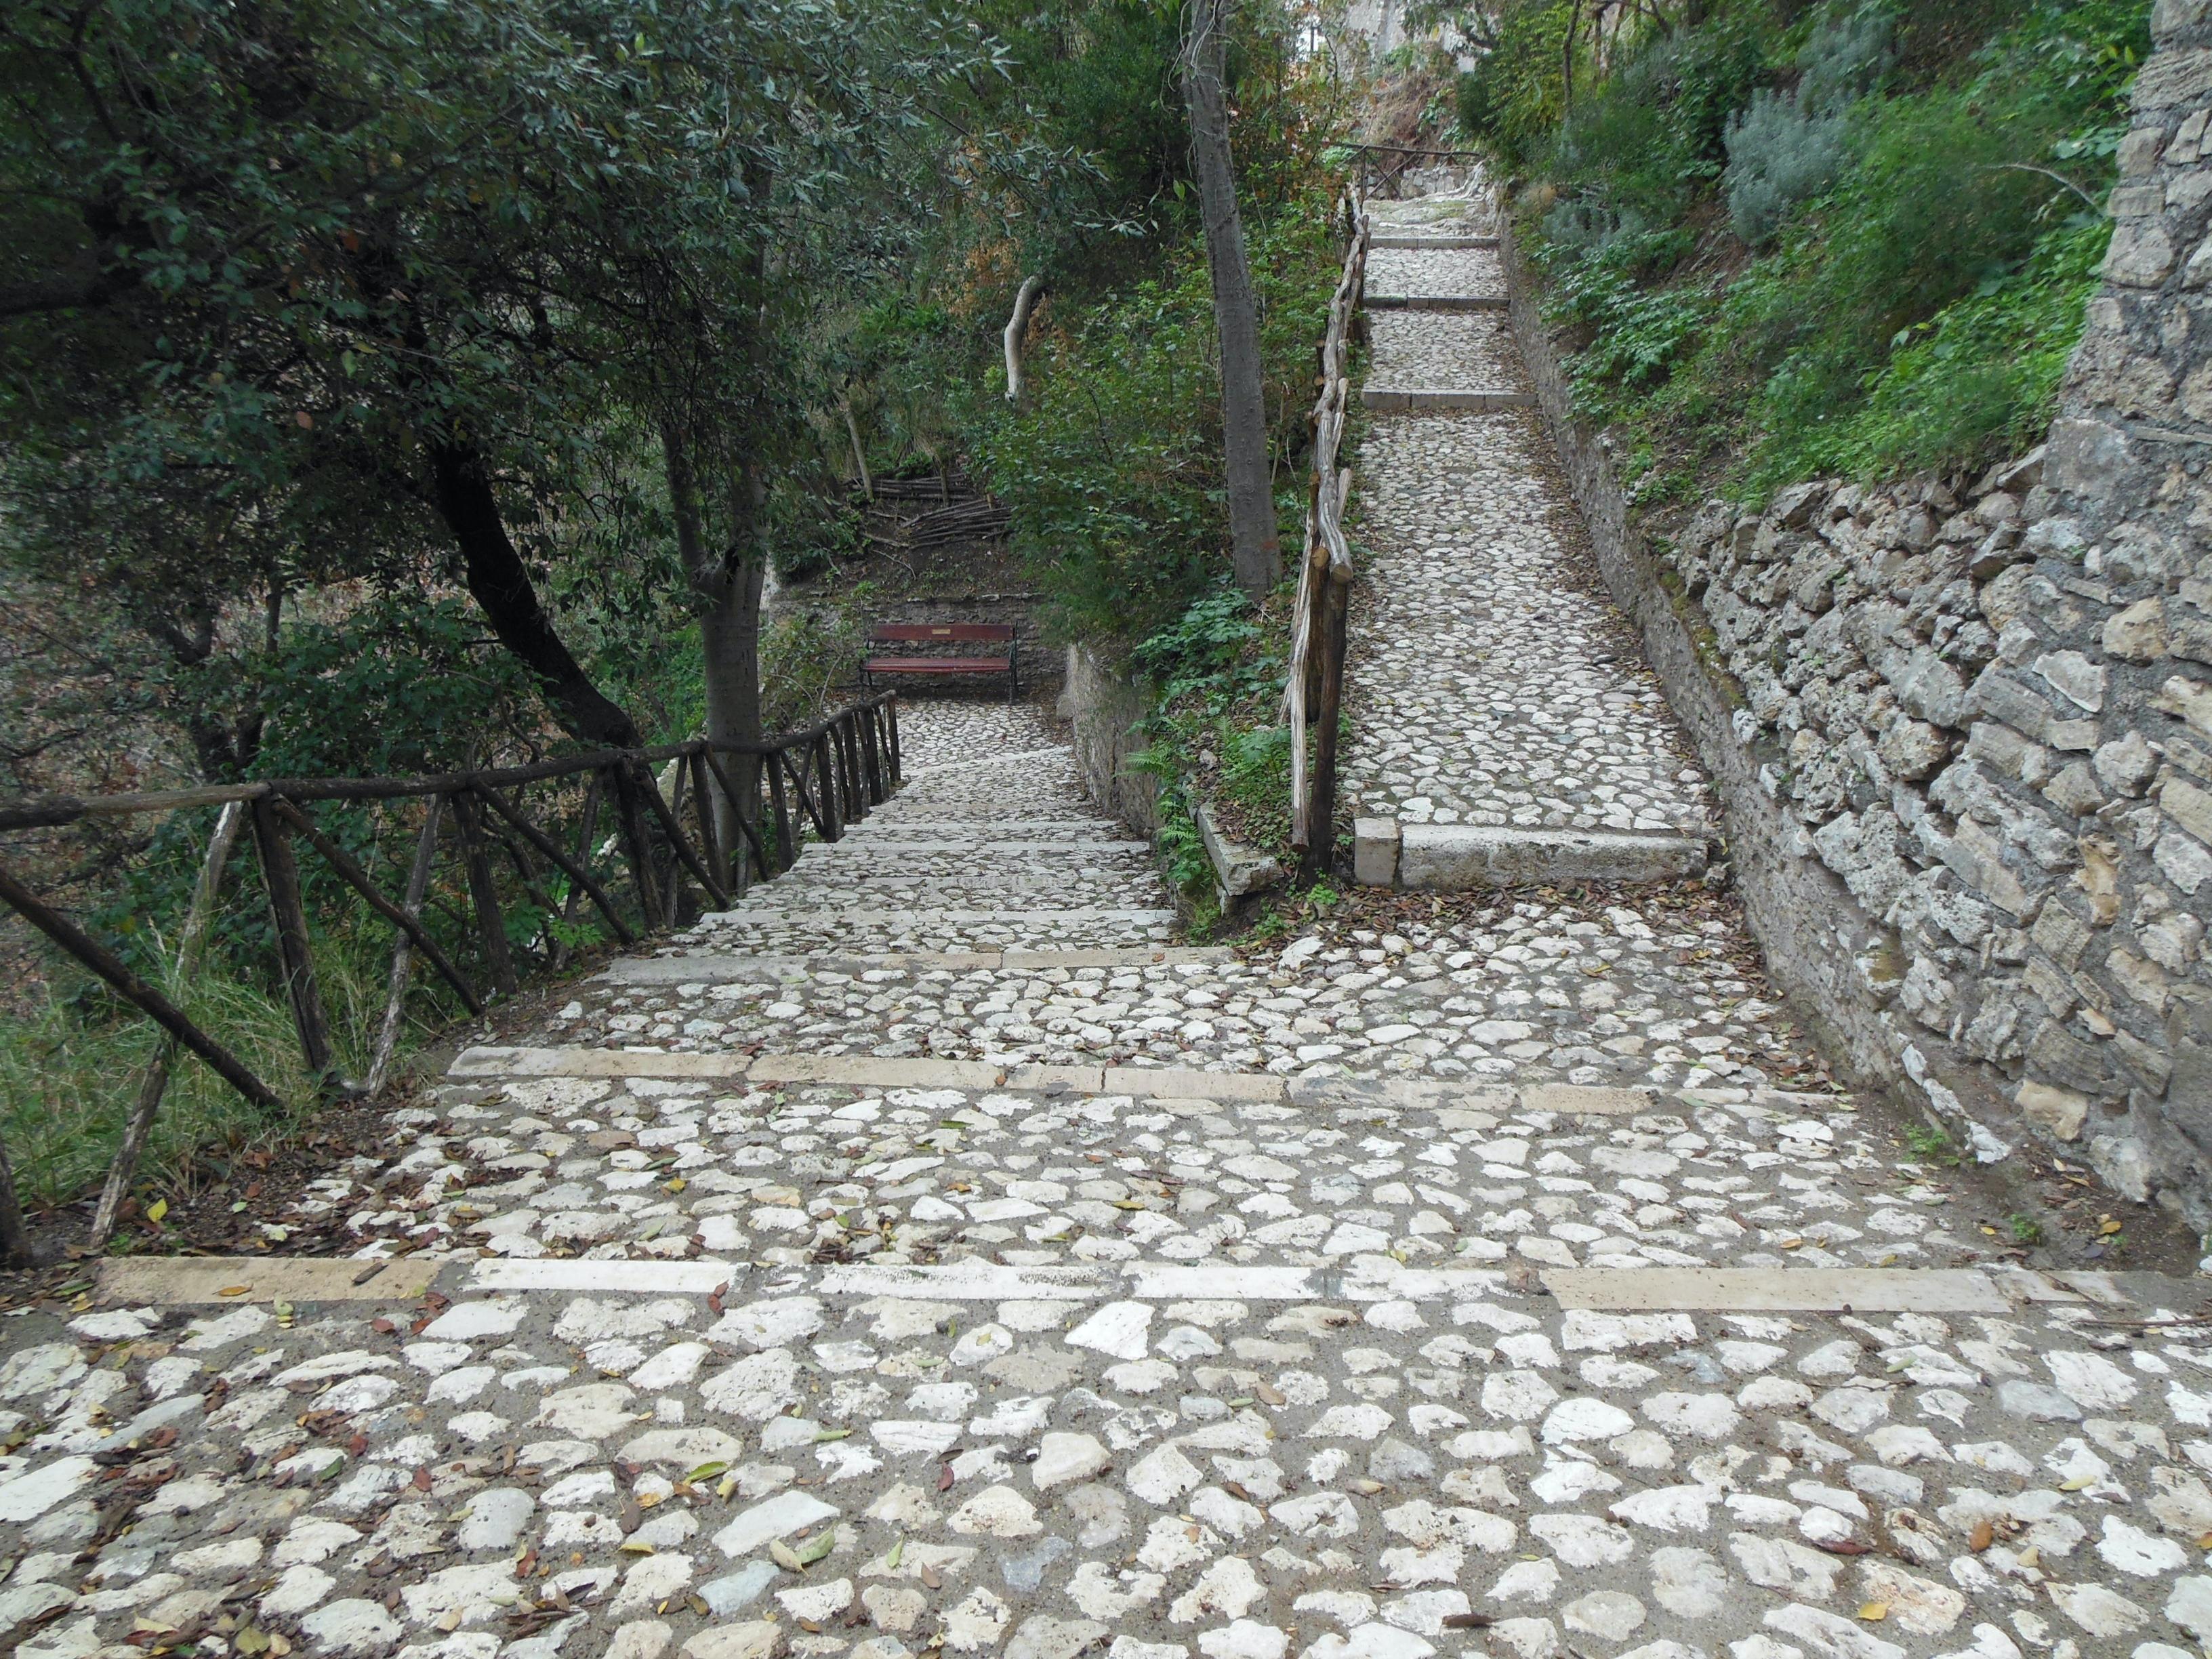 Interventi ai sentieri di Parco Villa Gregoriana